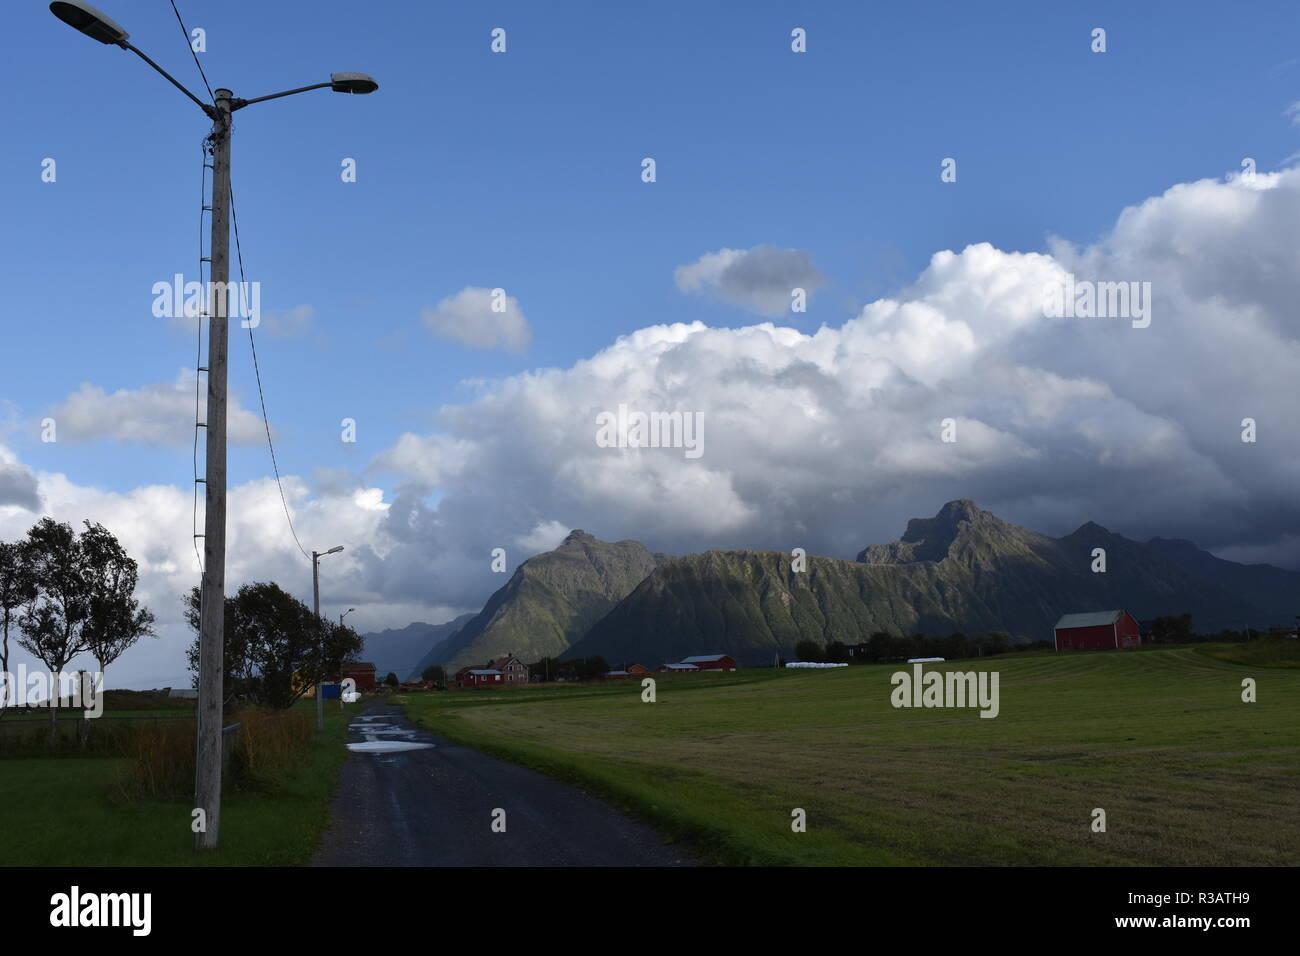 Norwegen, Lofoten, 888, Fv 888, Weg, Straße, Dorf, Austvågøya, Insel, Vågan, Dorf, Bauernhof, Landwirtschaft, Weide, Wiese, Feld, Wolken, Haus, Hütte, - Stock Image